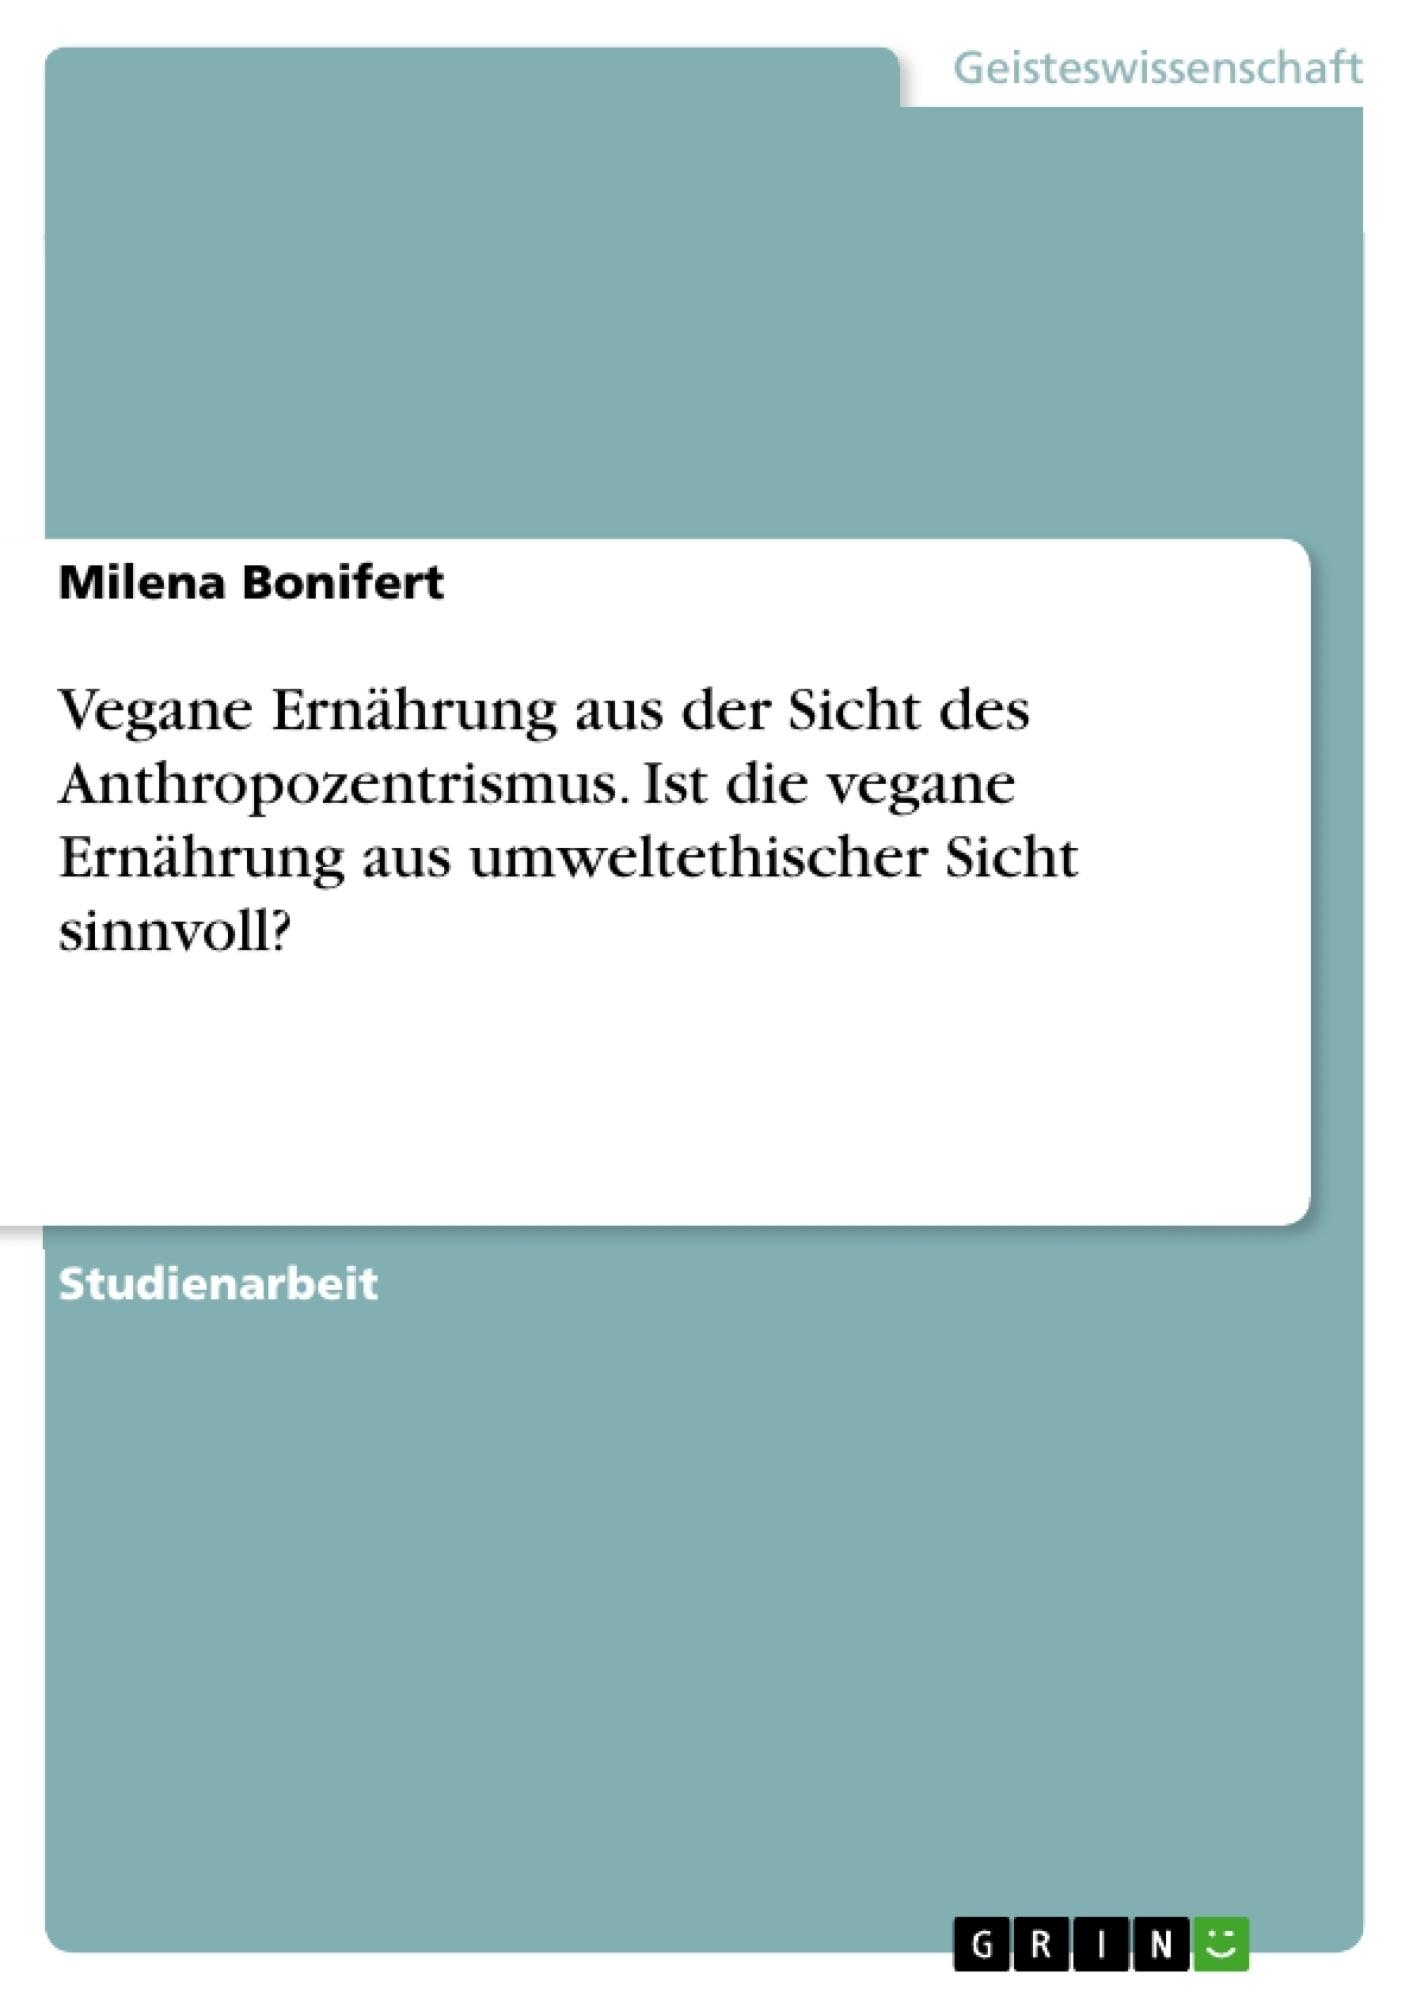 Titel: Vegane Ernährung aus der Sicht des Anthropozentrismus. Ist die vegane Ernährung aus umweltethischer Sicht sinnvoll?